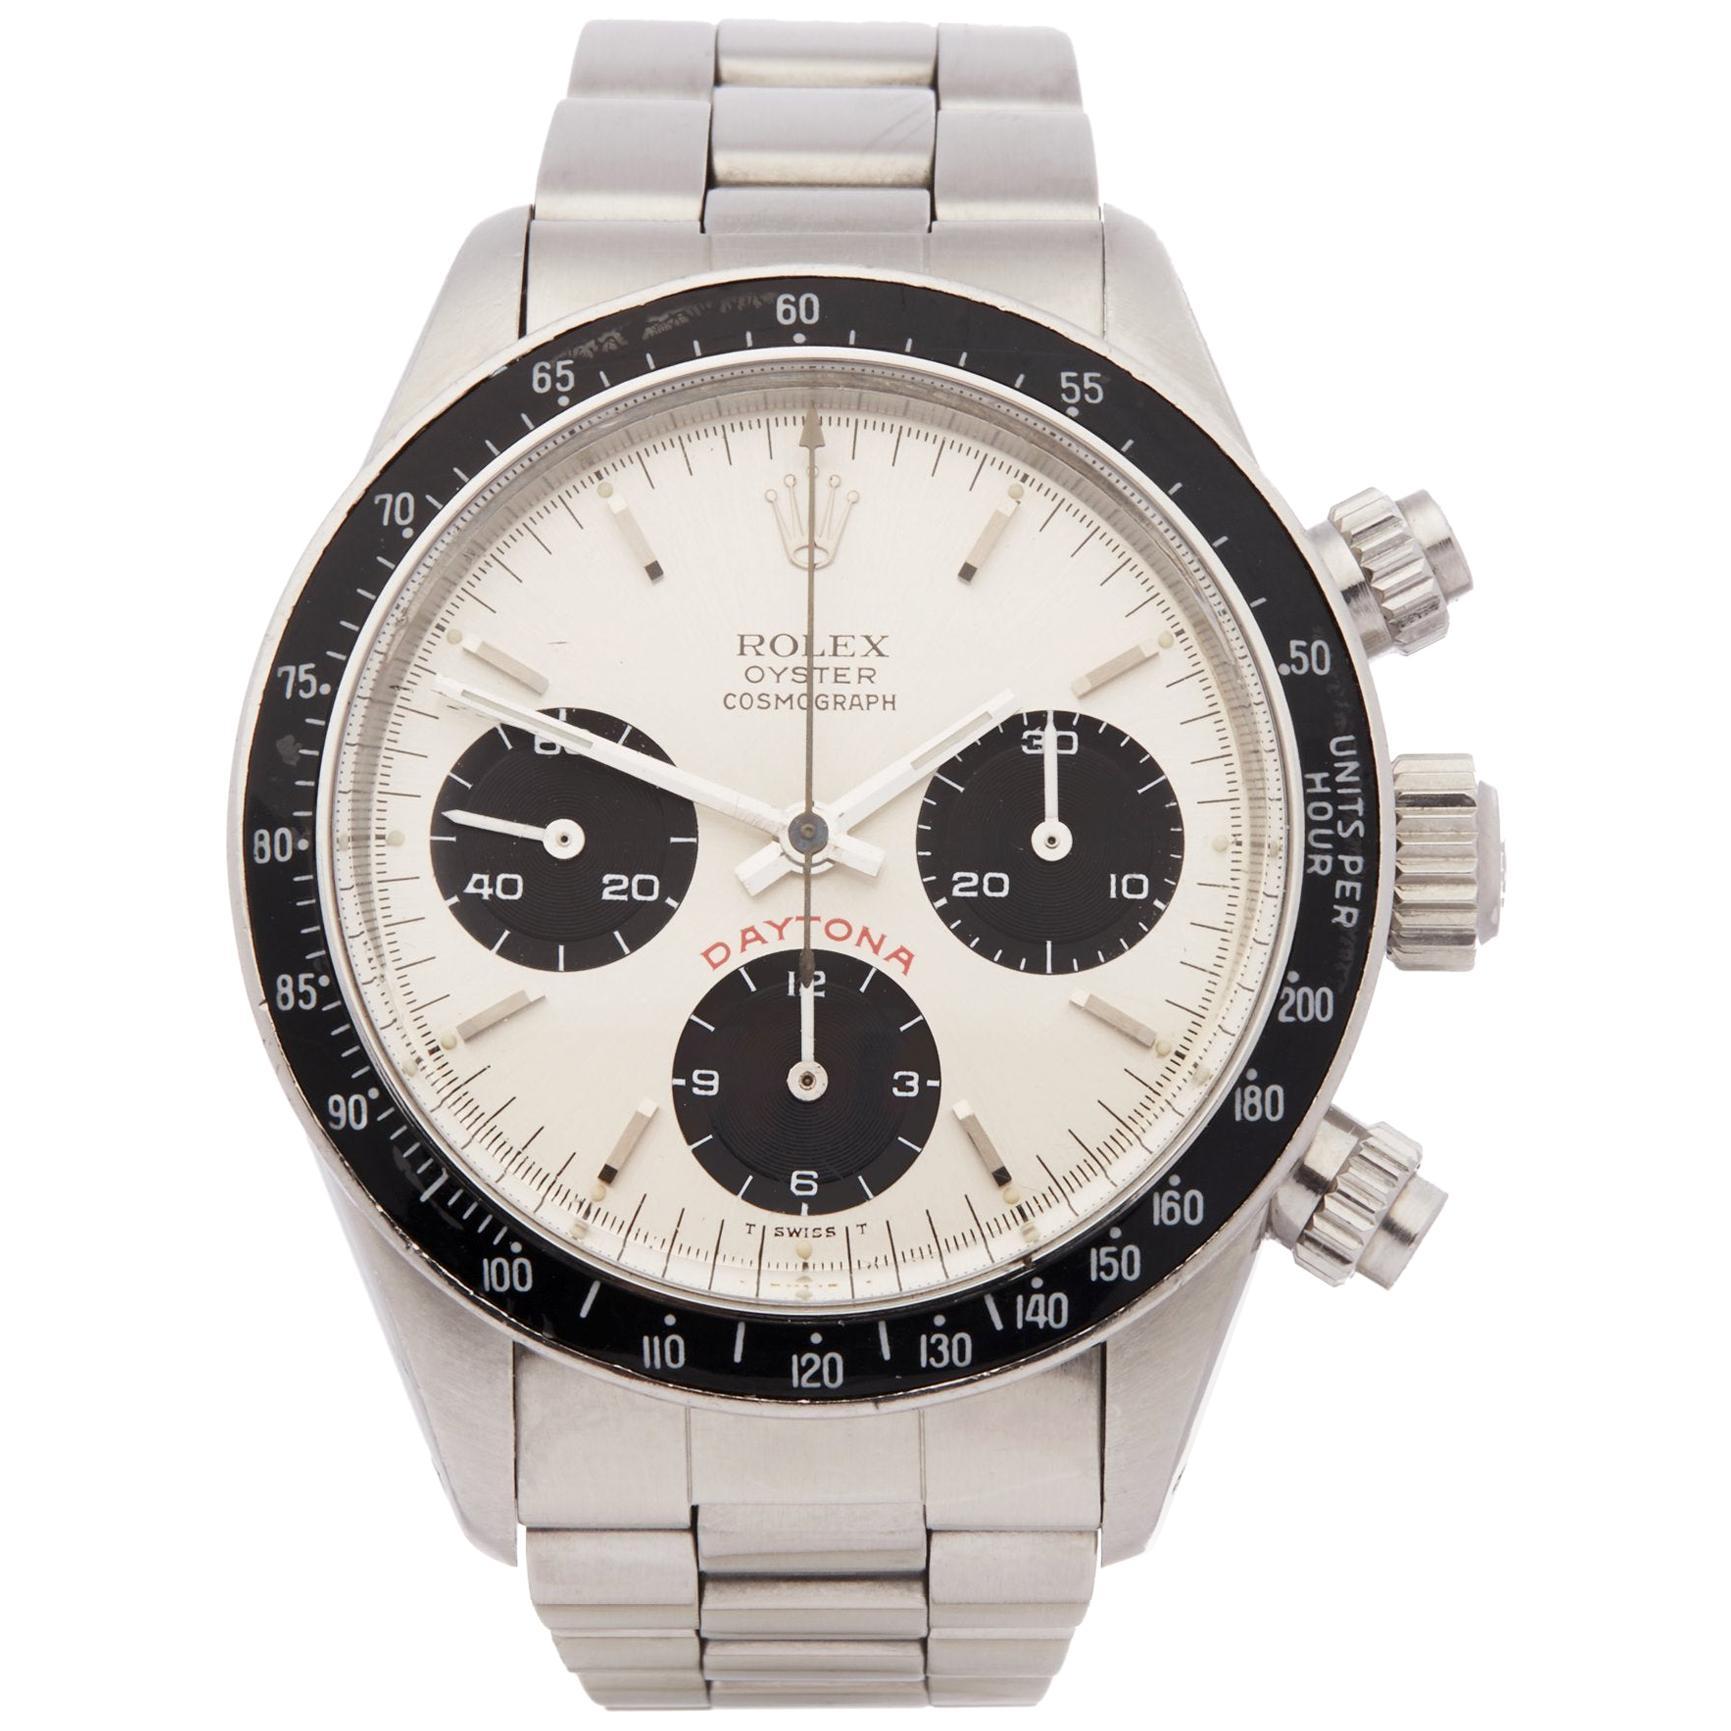 Rolex Daytona 6263 Men's Stainless Steel Watch